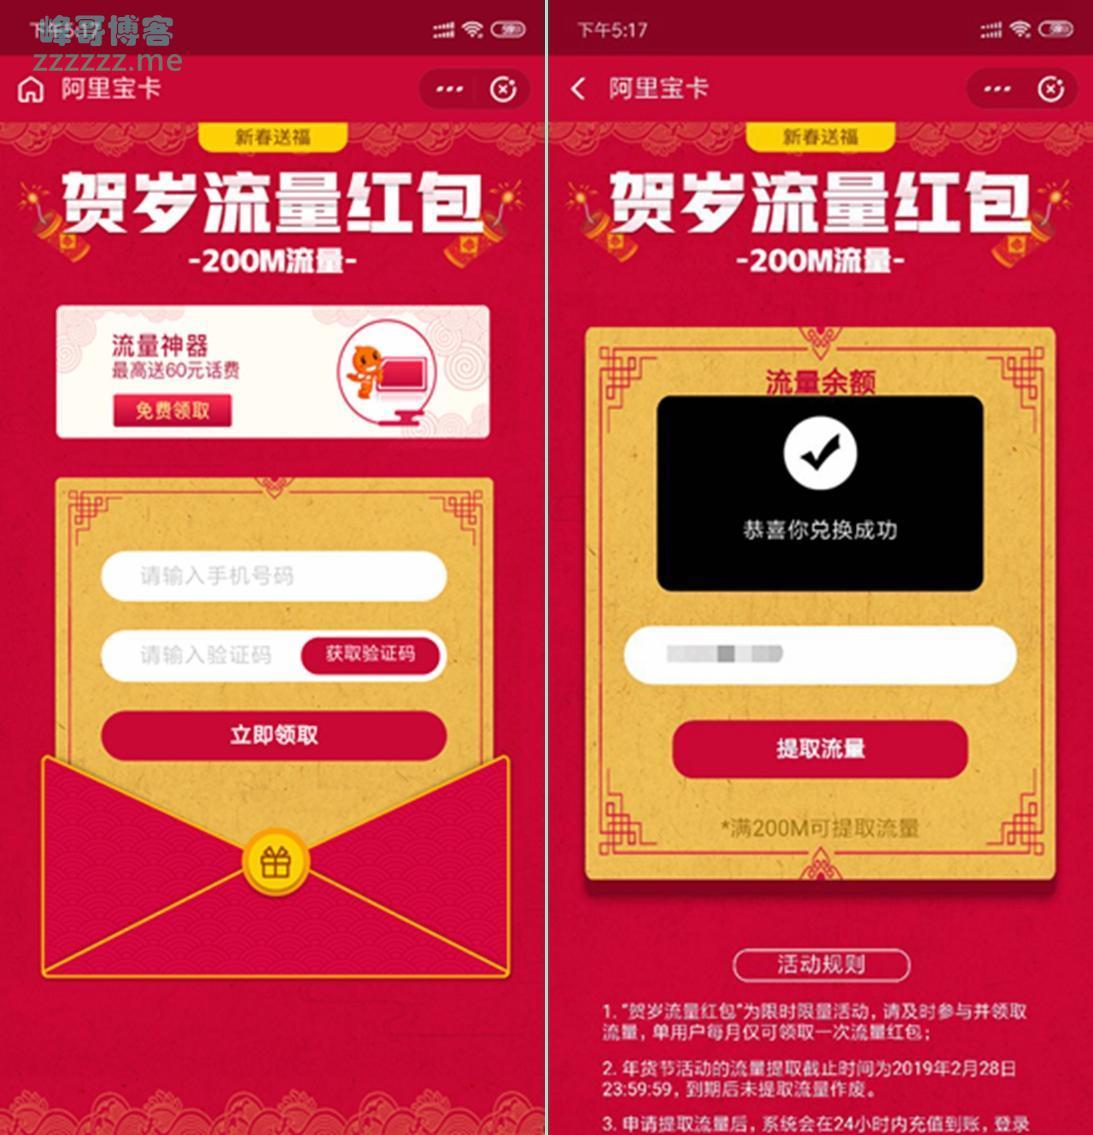 支付宝新春送福贺岁流量红包活动 联通用户免费领取200MB全国流量月包!